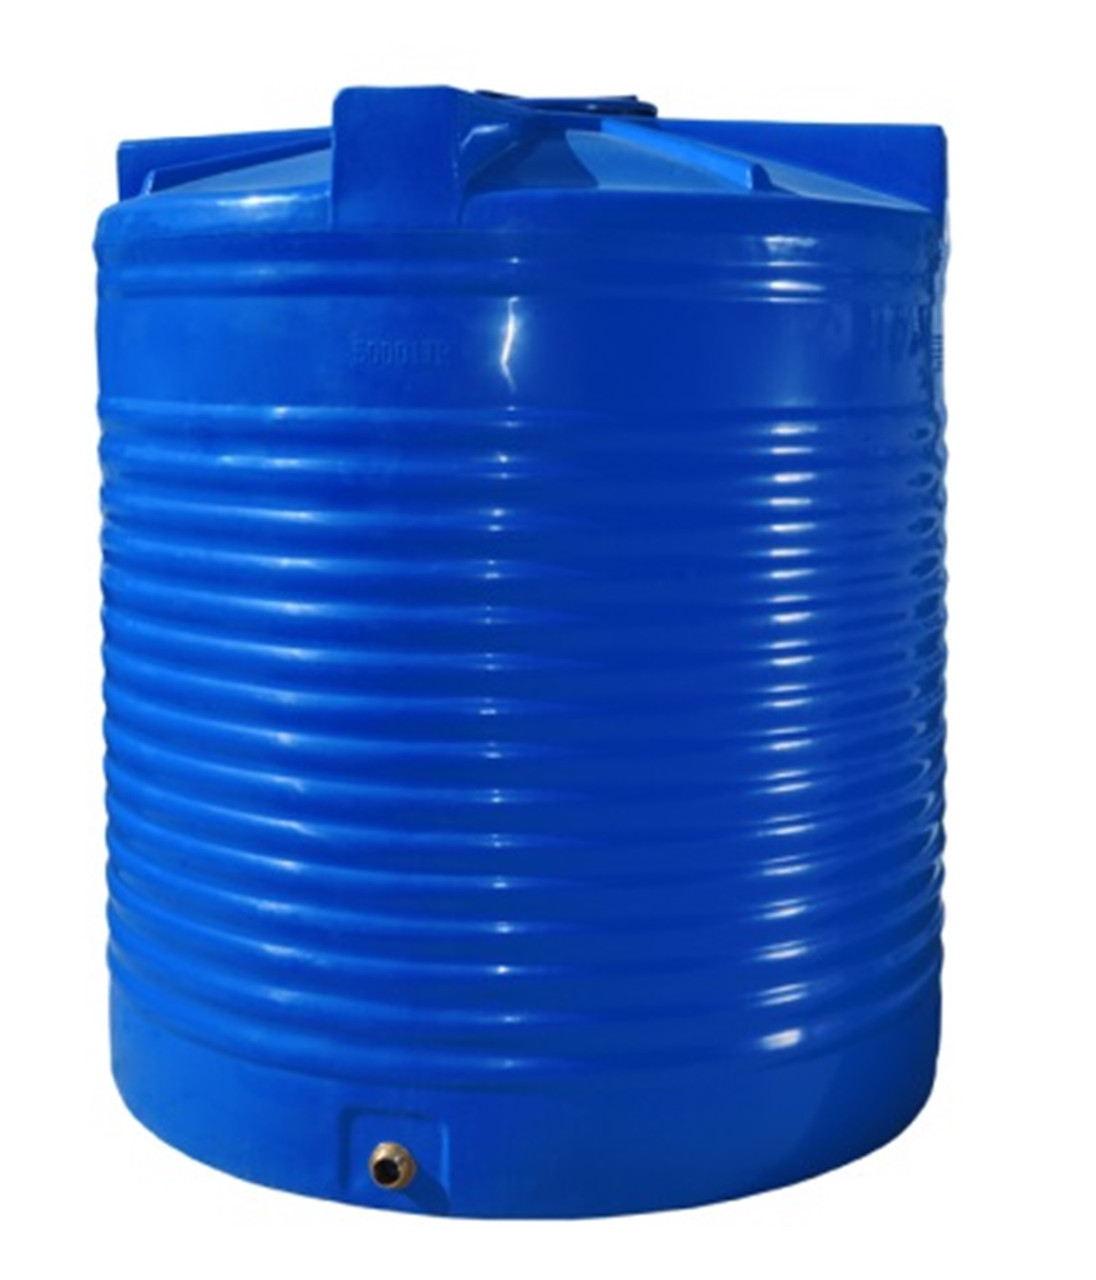 Емкость двухслойная вертикальная R.EURO PLAST RVД 500 (80х119), даметр люка 35 см, штуцер 1/2''